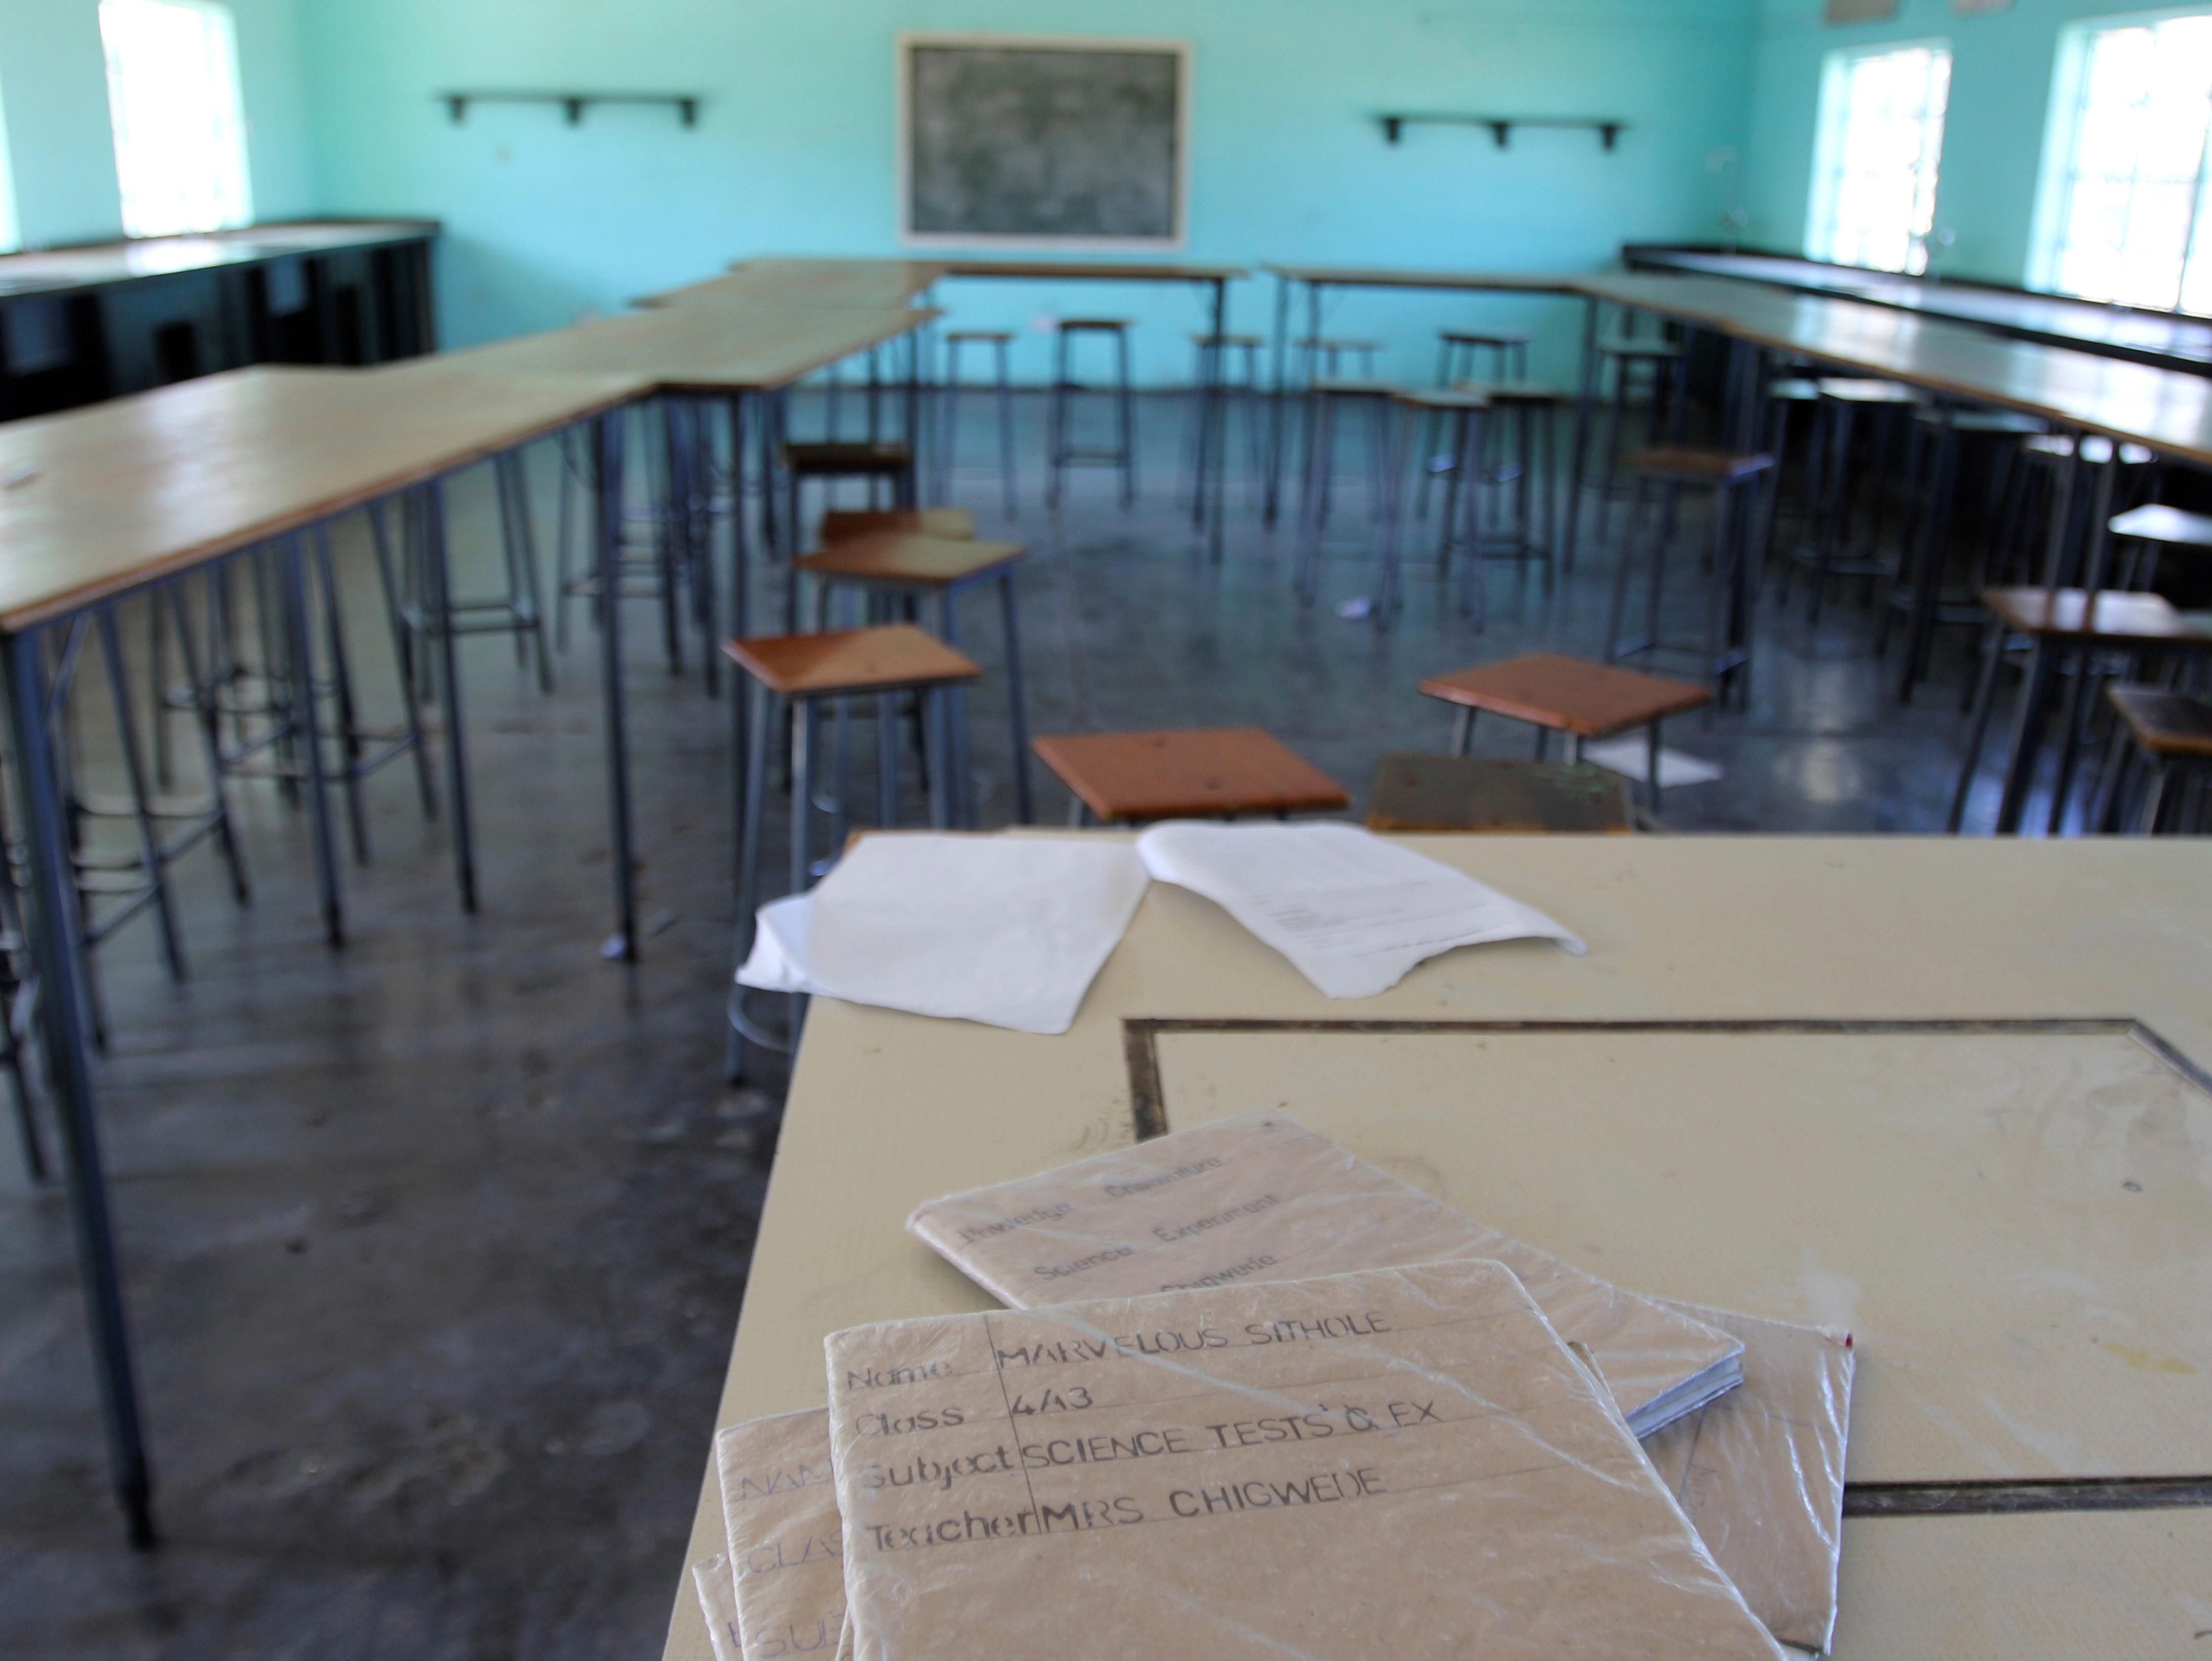 Tunisie : A défaut d'un accord le syndicat de l'enseignement secondaire ne renoncera pas à décision de boycotter les